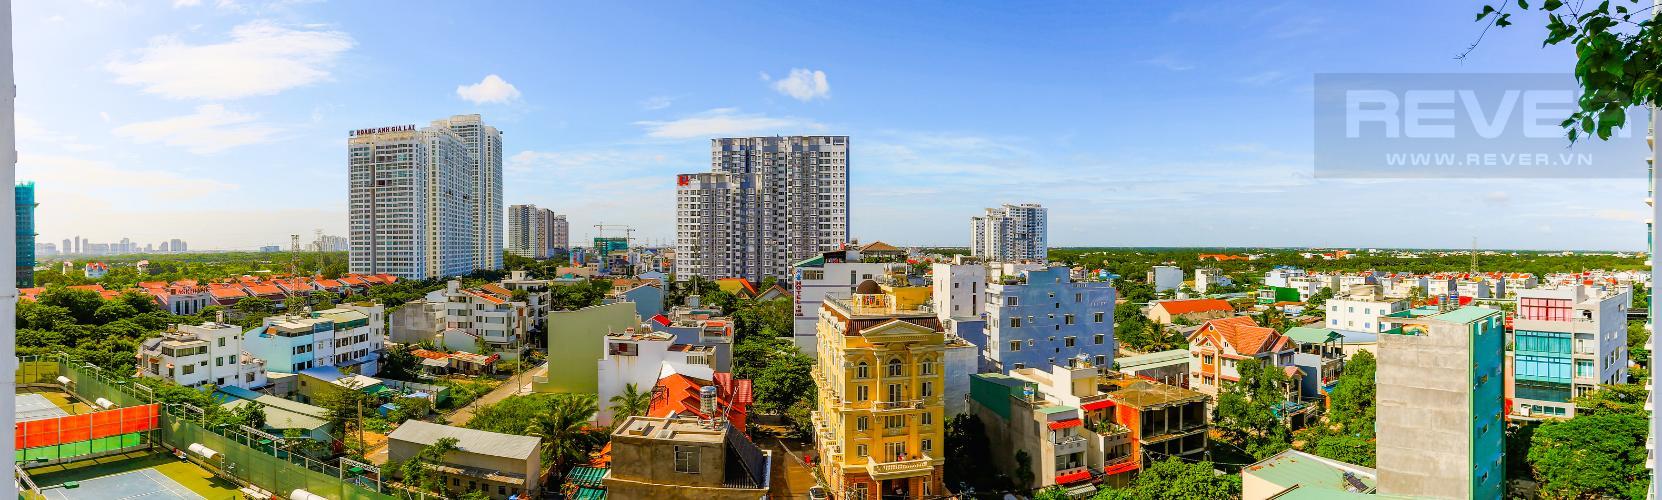 View Căn hộ New Sài Gòn, tầng trung, tòa C, 2 phòng ngủ, full nội thất.